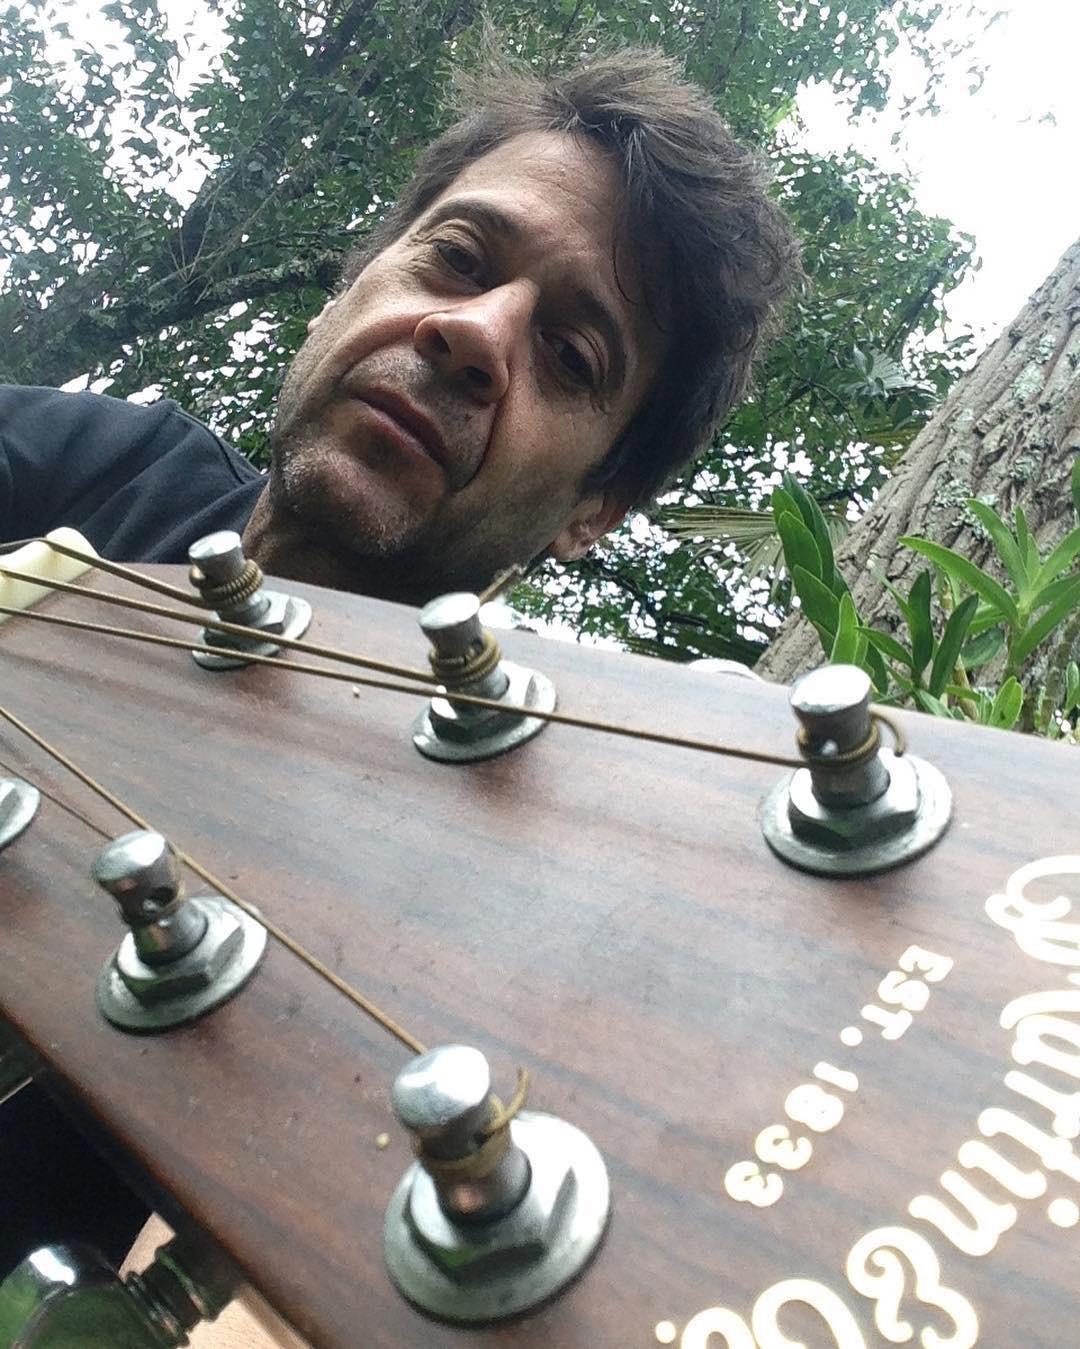 Sérgio Knust sai de cena como músico que fez do toque da guitarra uma religião seguida com fé na deusa música